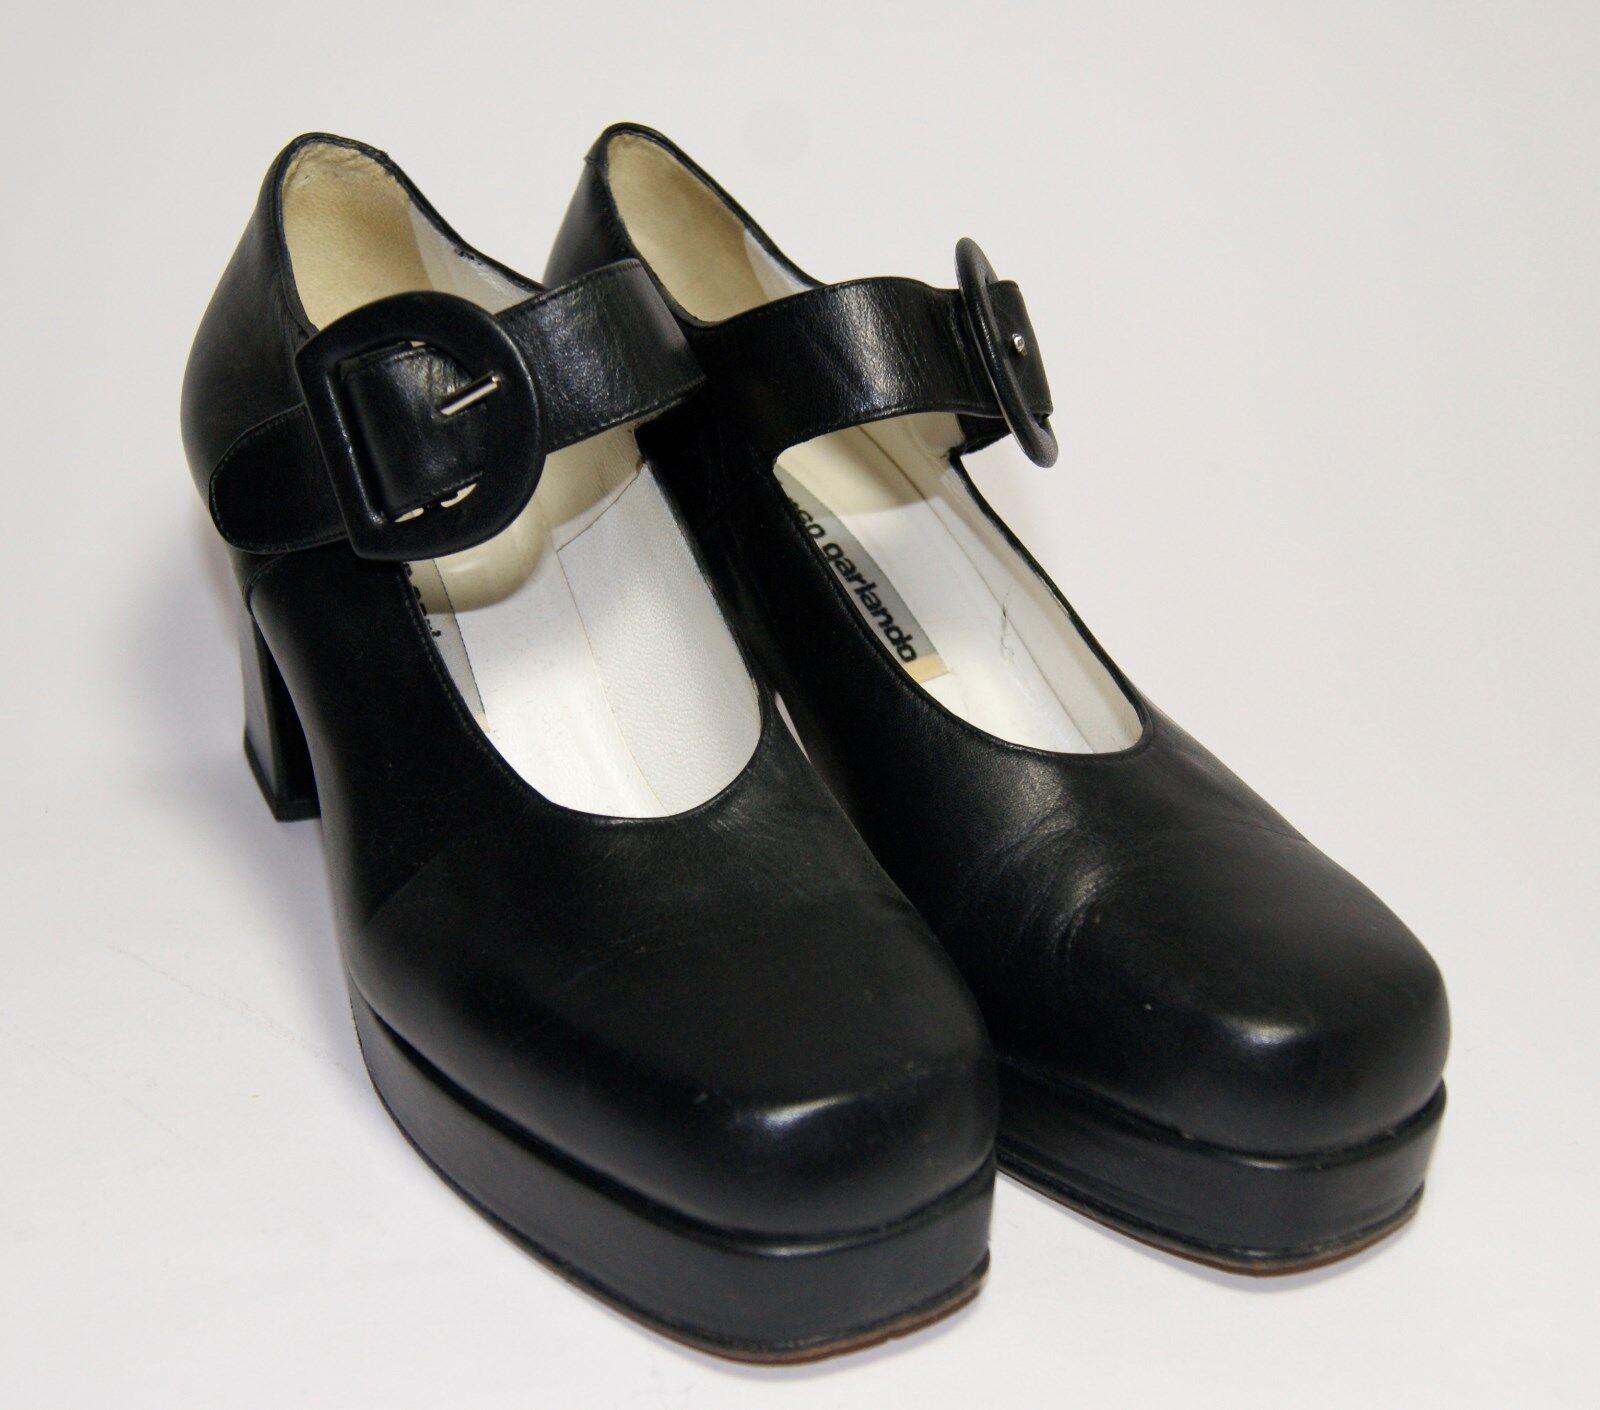 Absatz Schuhe Business Pumps Plateau Edel Garlando Alfonso